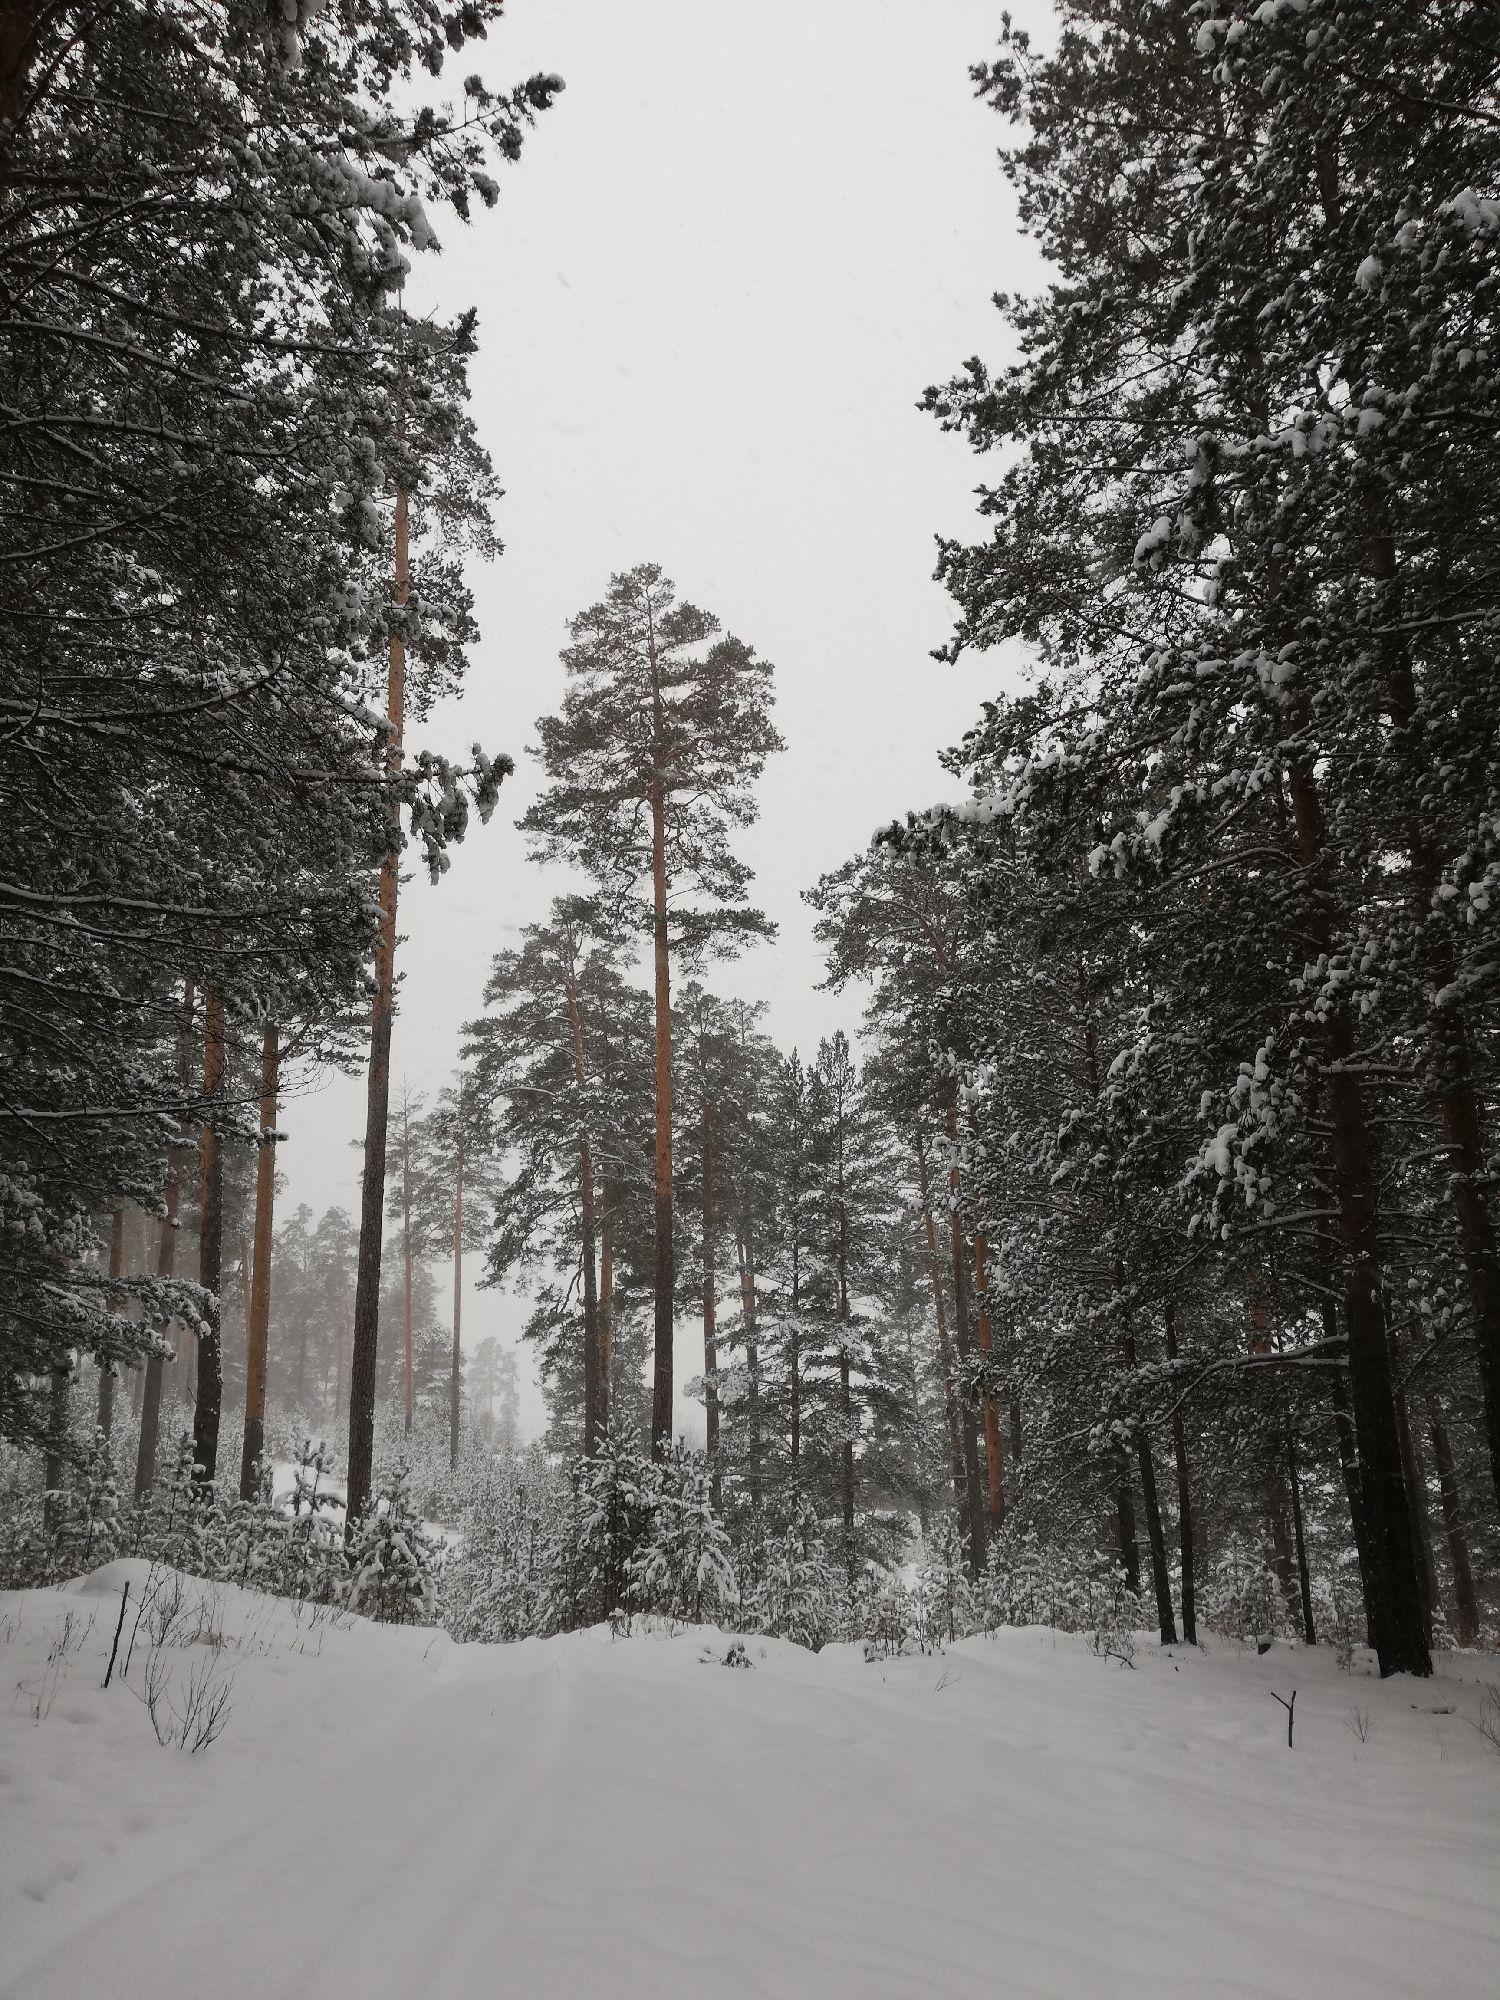 Горка, где раньше постоянно катались на лыжах